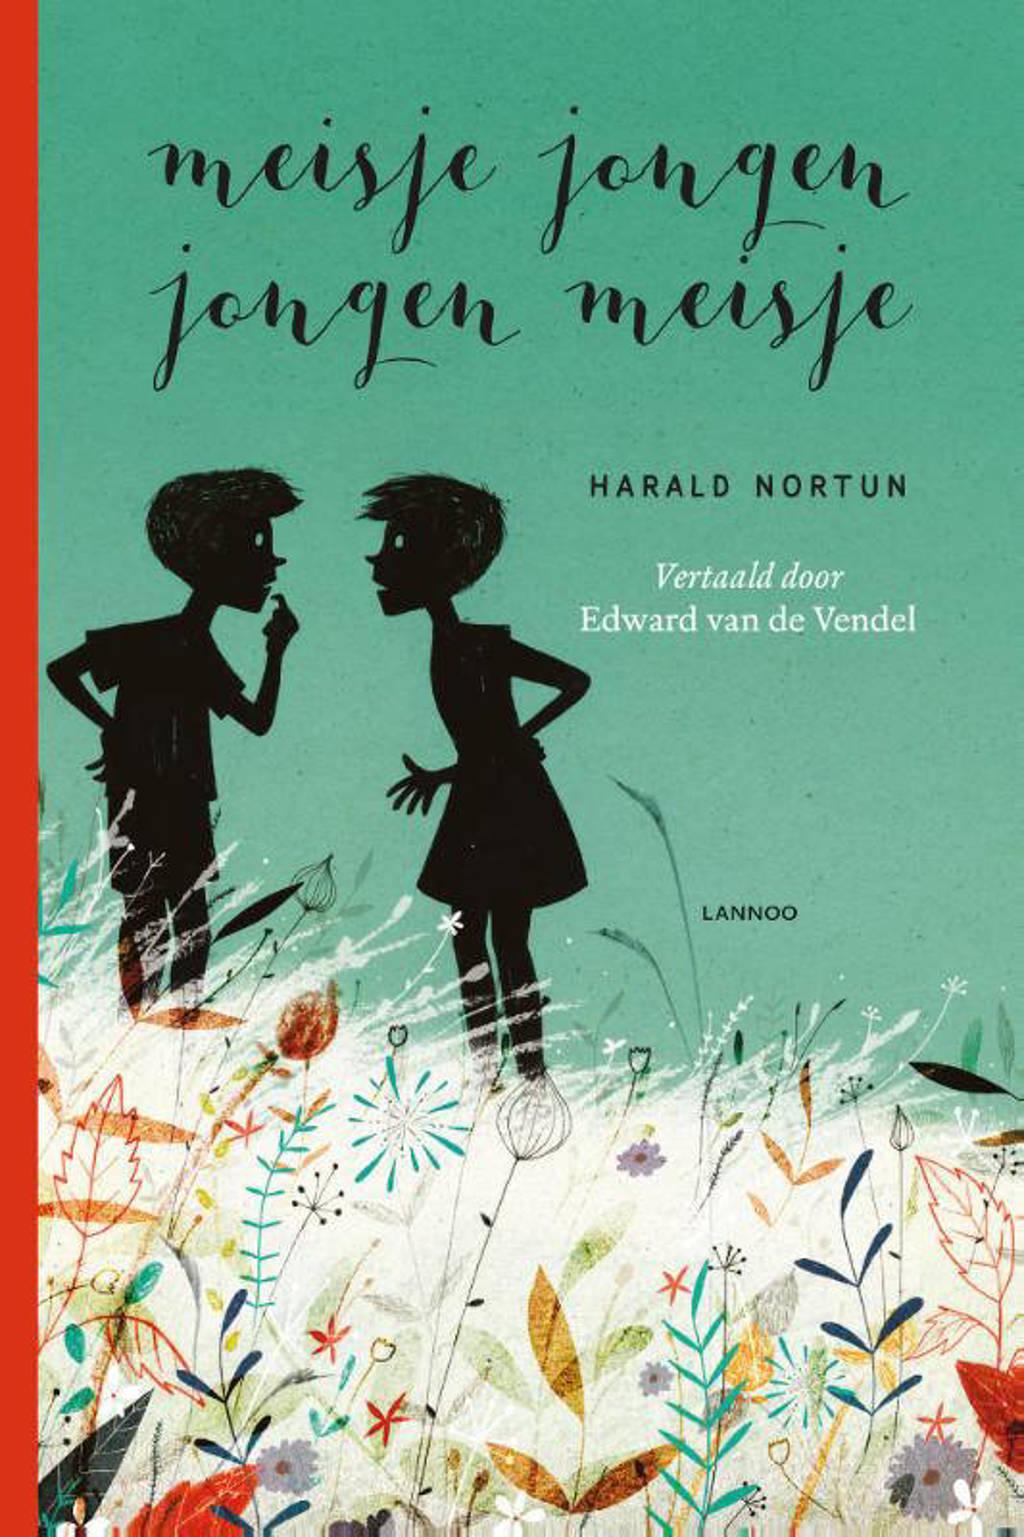 Meisje jongen jongen meisje - Harald Nortun